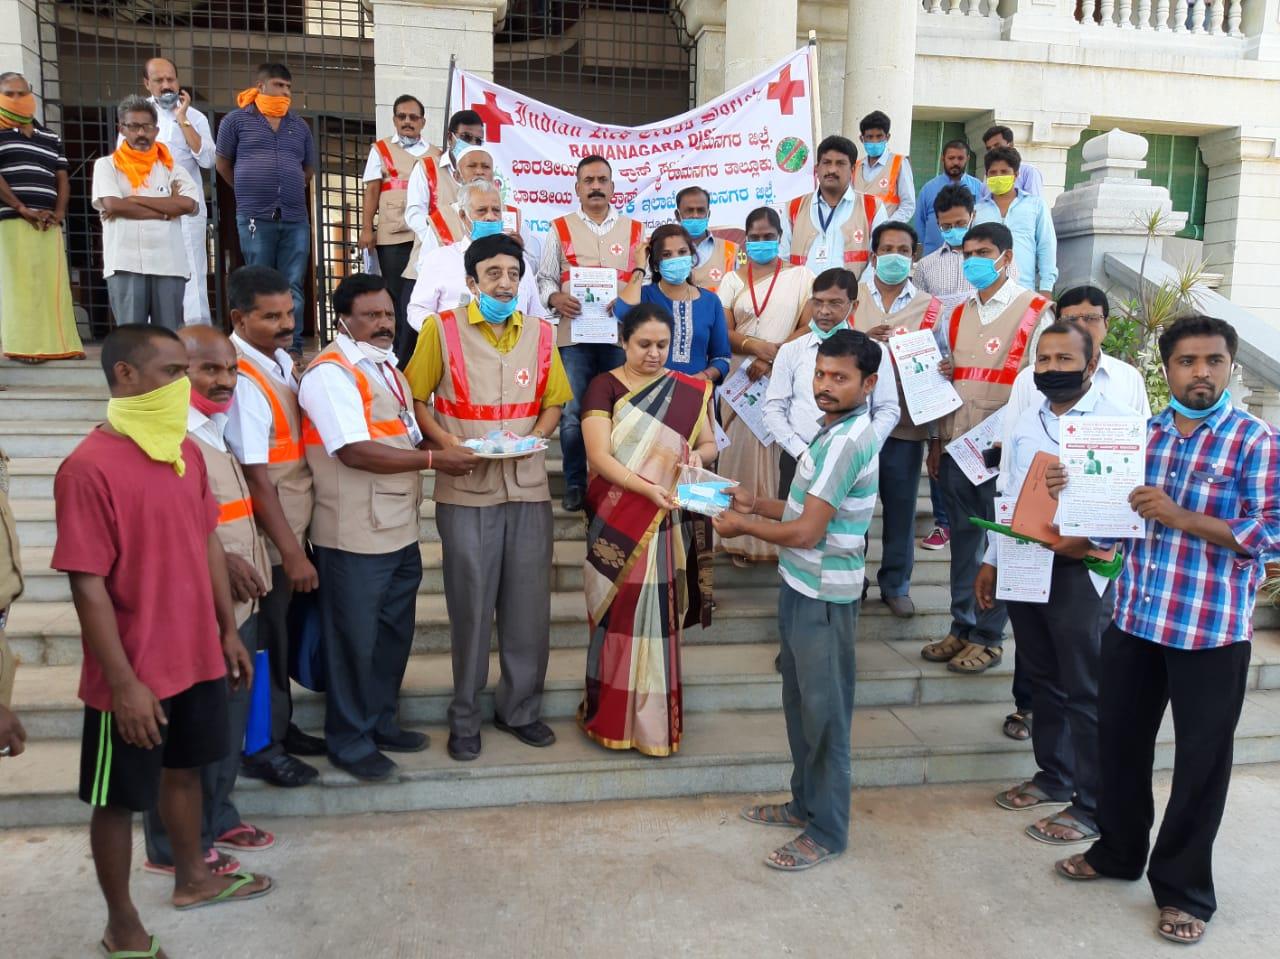 ಭಾರತೀಯ ರೆಡ್ ಕ್ರಾಸ್ ಸಂಸ್ಥೆ ವತಿಯಿಂದ ಜನಜಾಗೃತಿ ಅಭಿಯಾನ